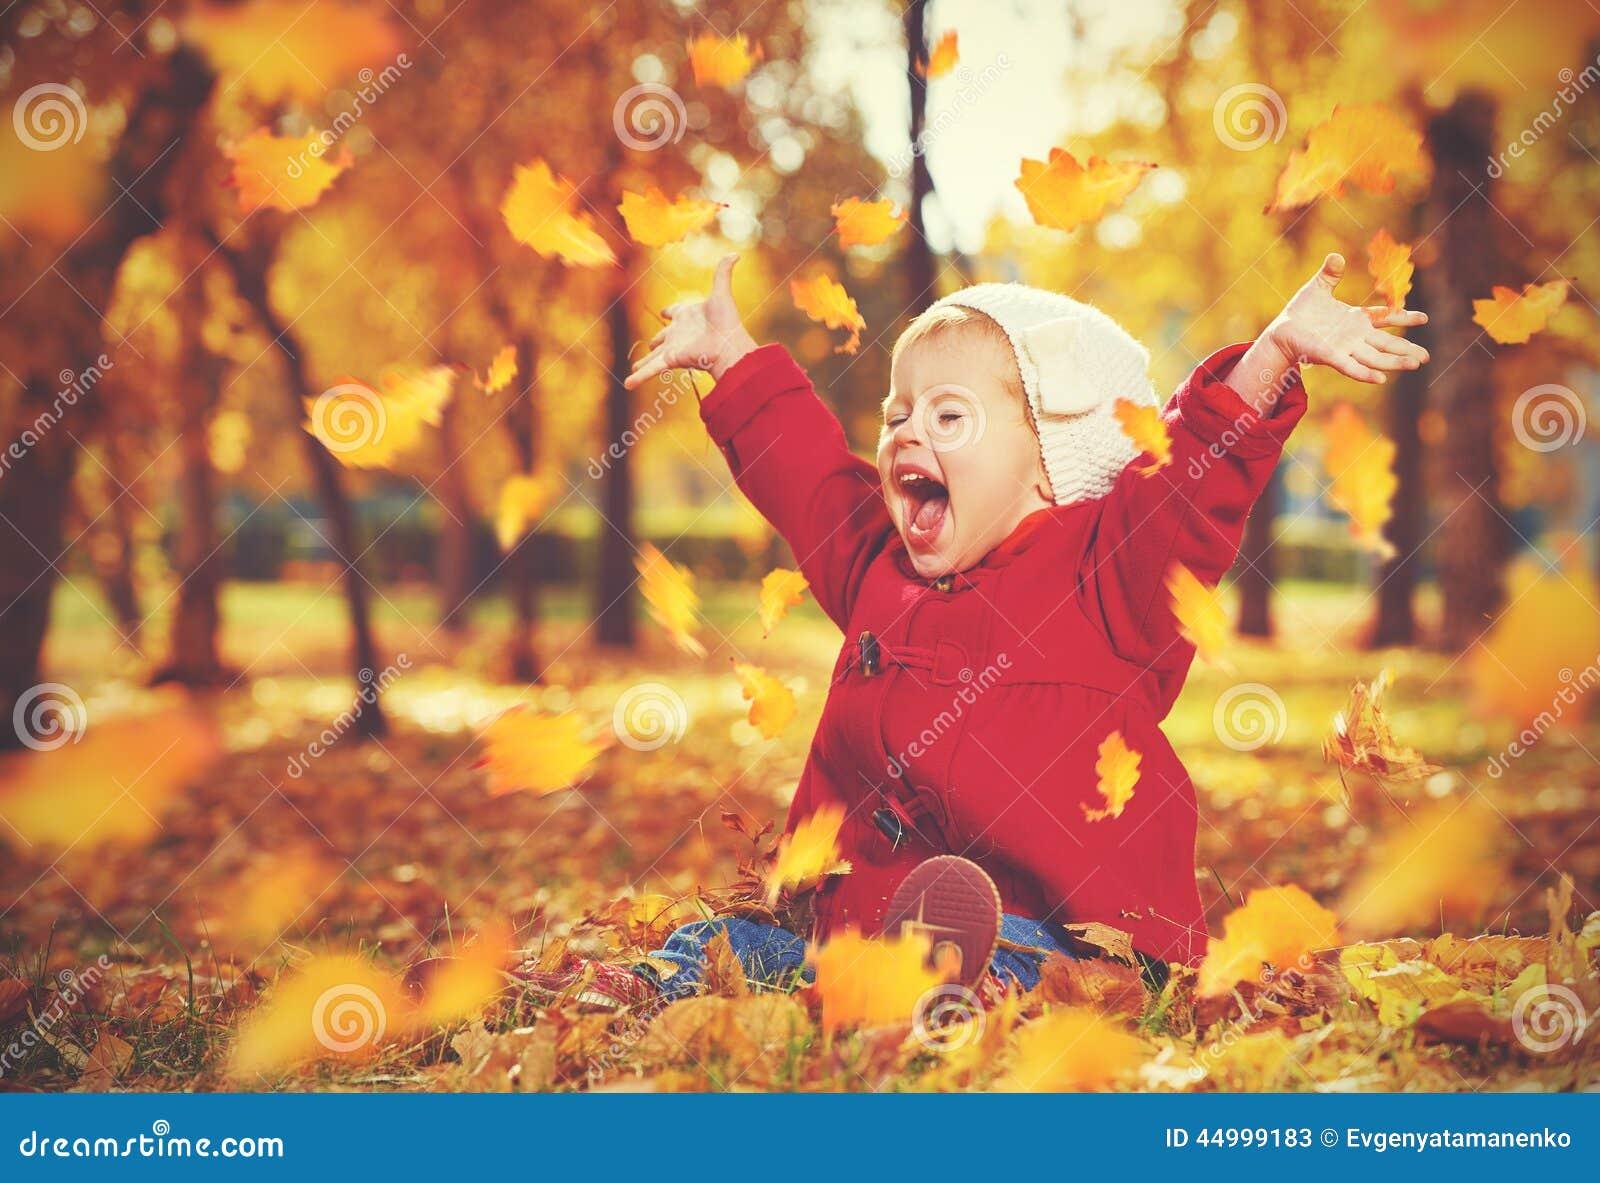 Szczęśliwy małe dziecko, dziewczynka śmia się i bawić się w jesieni